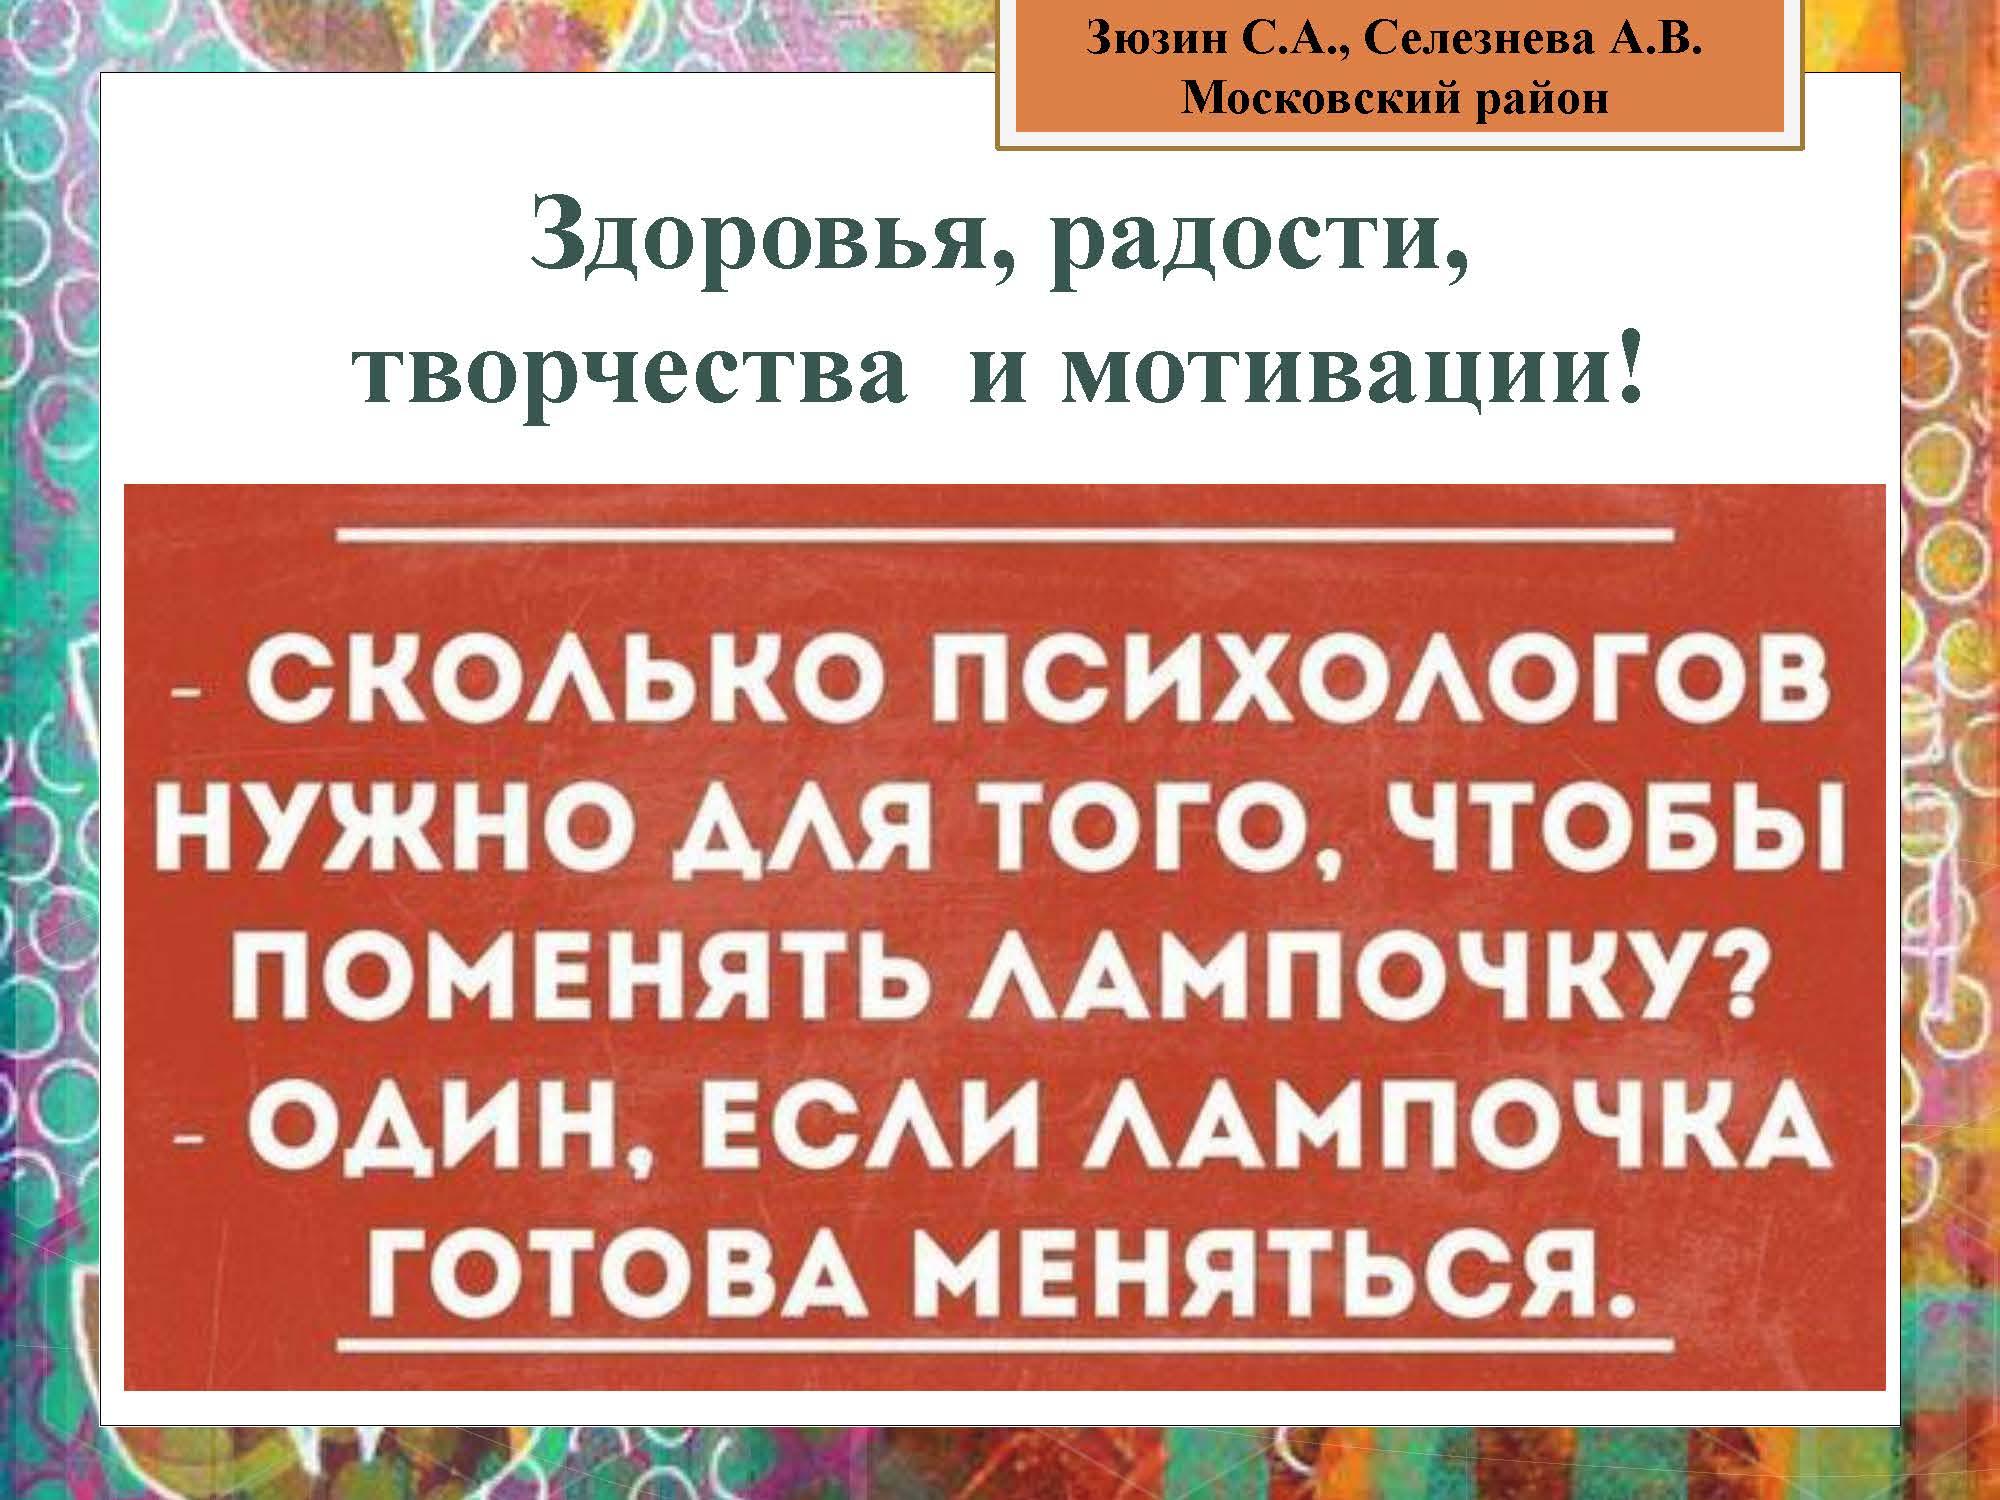 секция 8. ГБОУ 495. Московский район_Страница_28